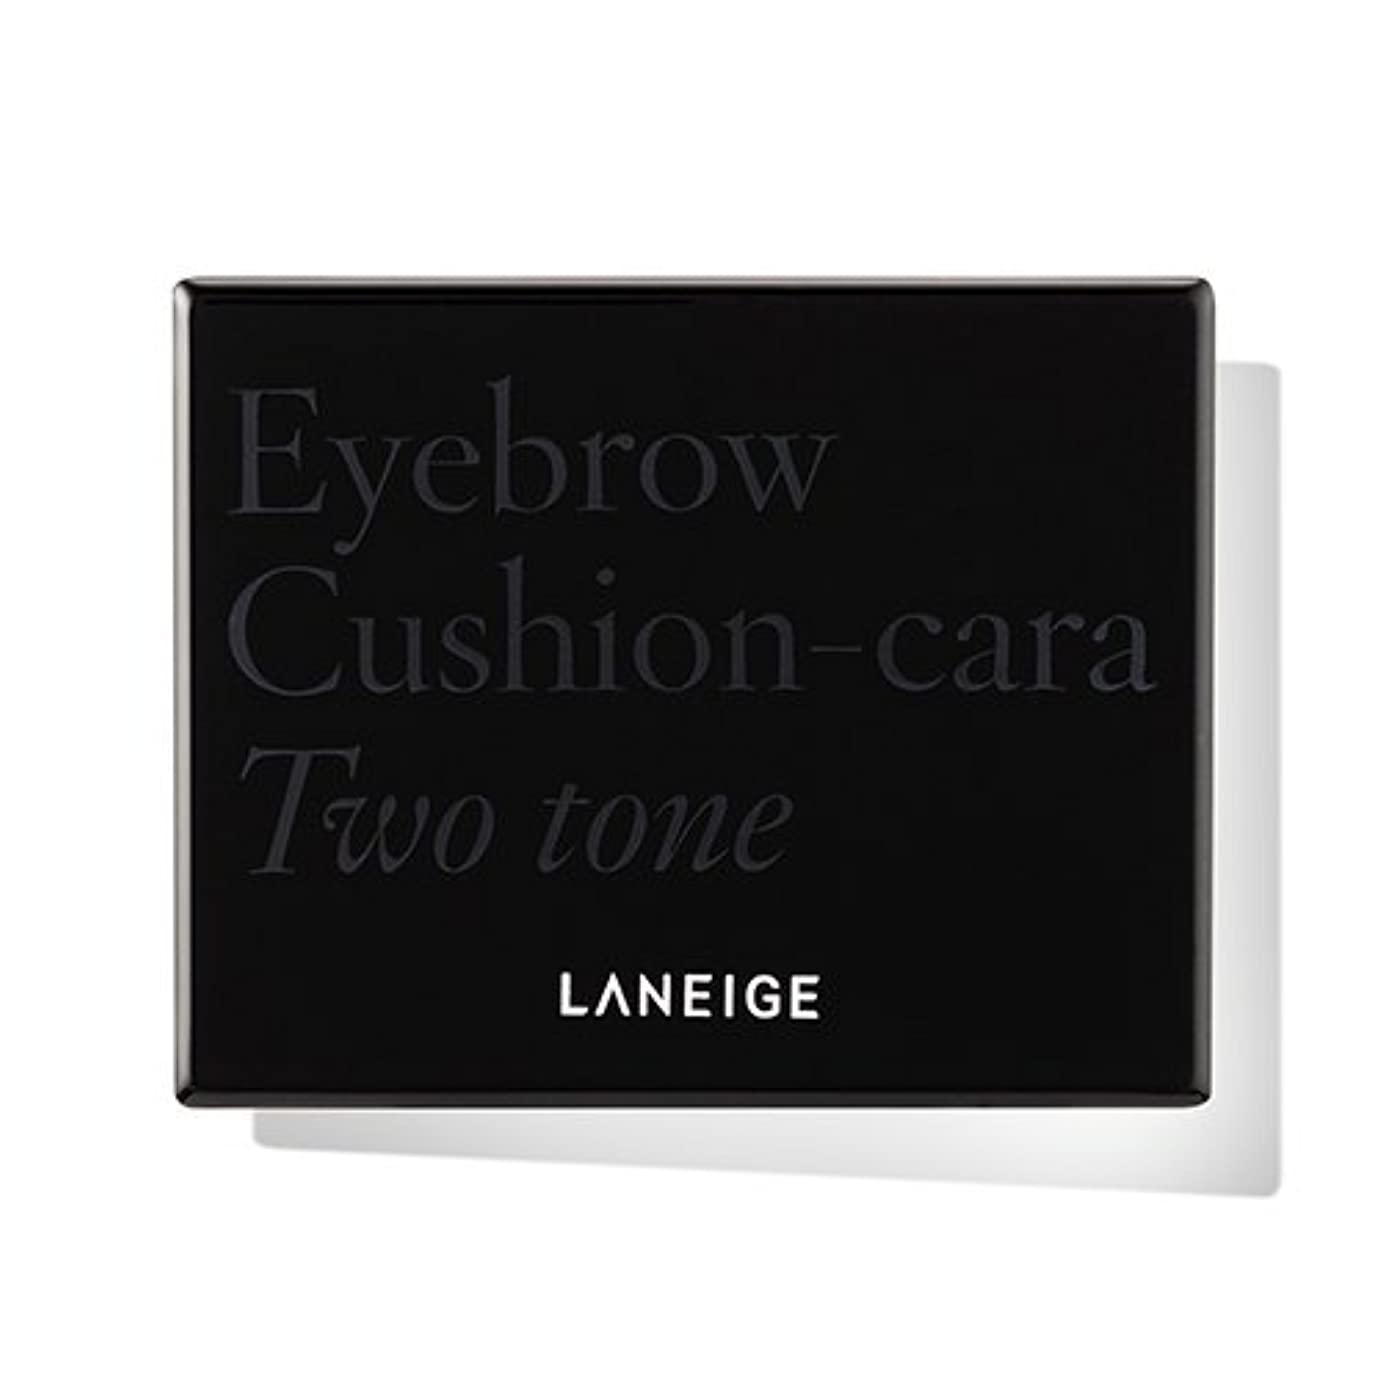 怠な組み込むオーラル[New] LANEIGE Eyebrow Cushion-cara 6g/ラネージュ アイブロウ クッション カラ 6g (#2 Two Tone Brown) [並行輸入品]